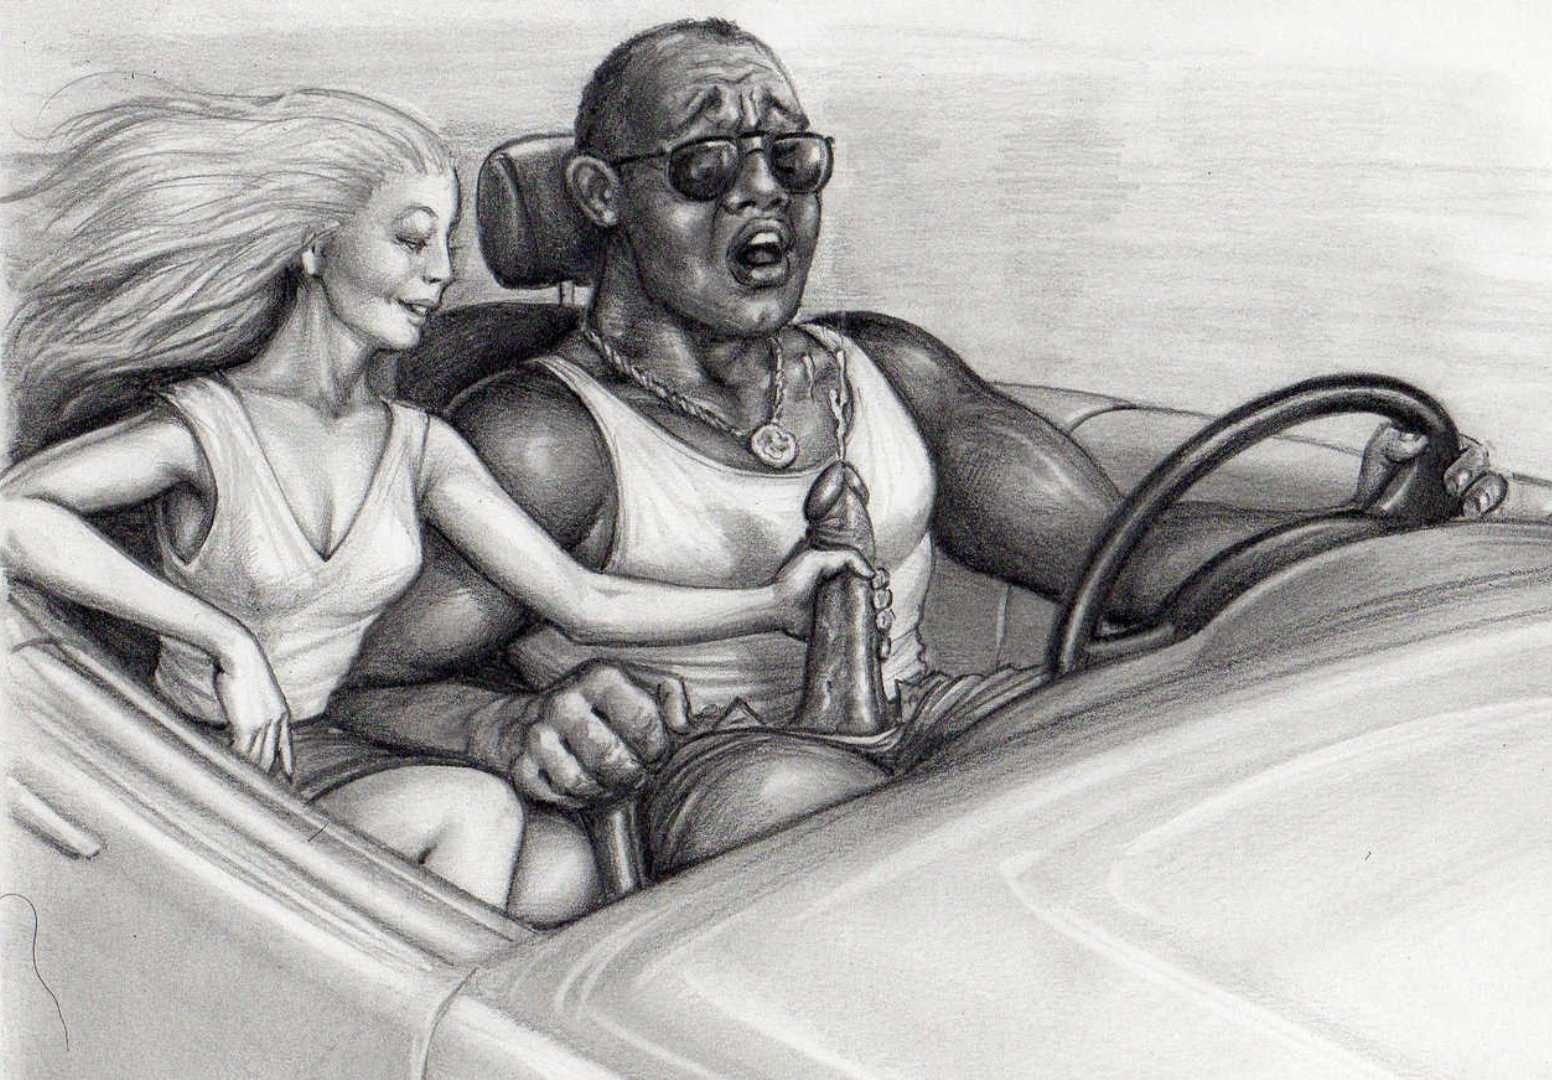 Nicole animated drawings interracial erotic pornografico